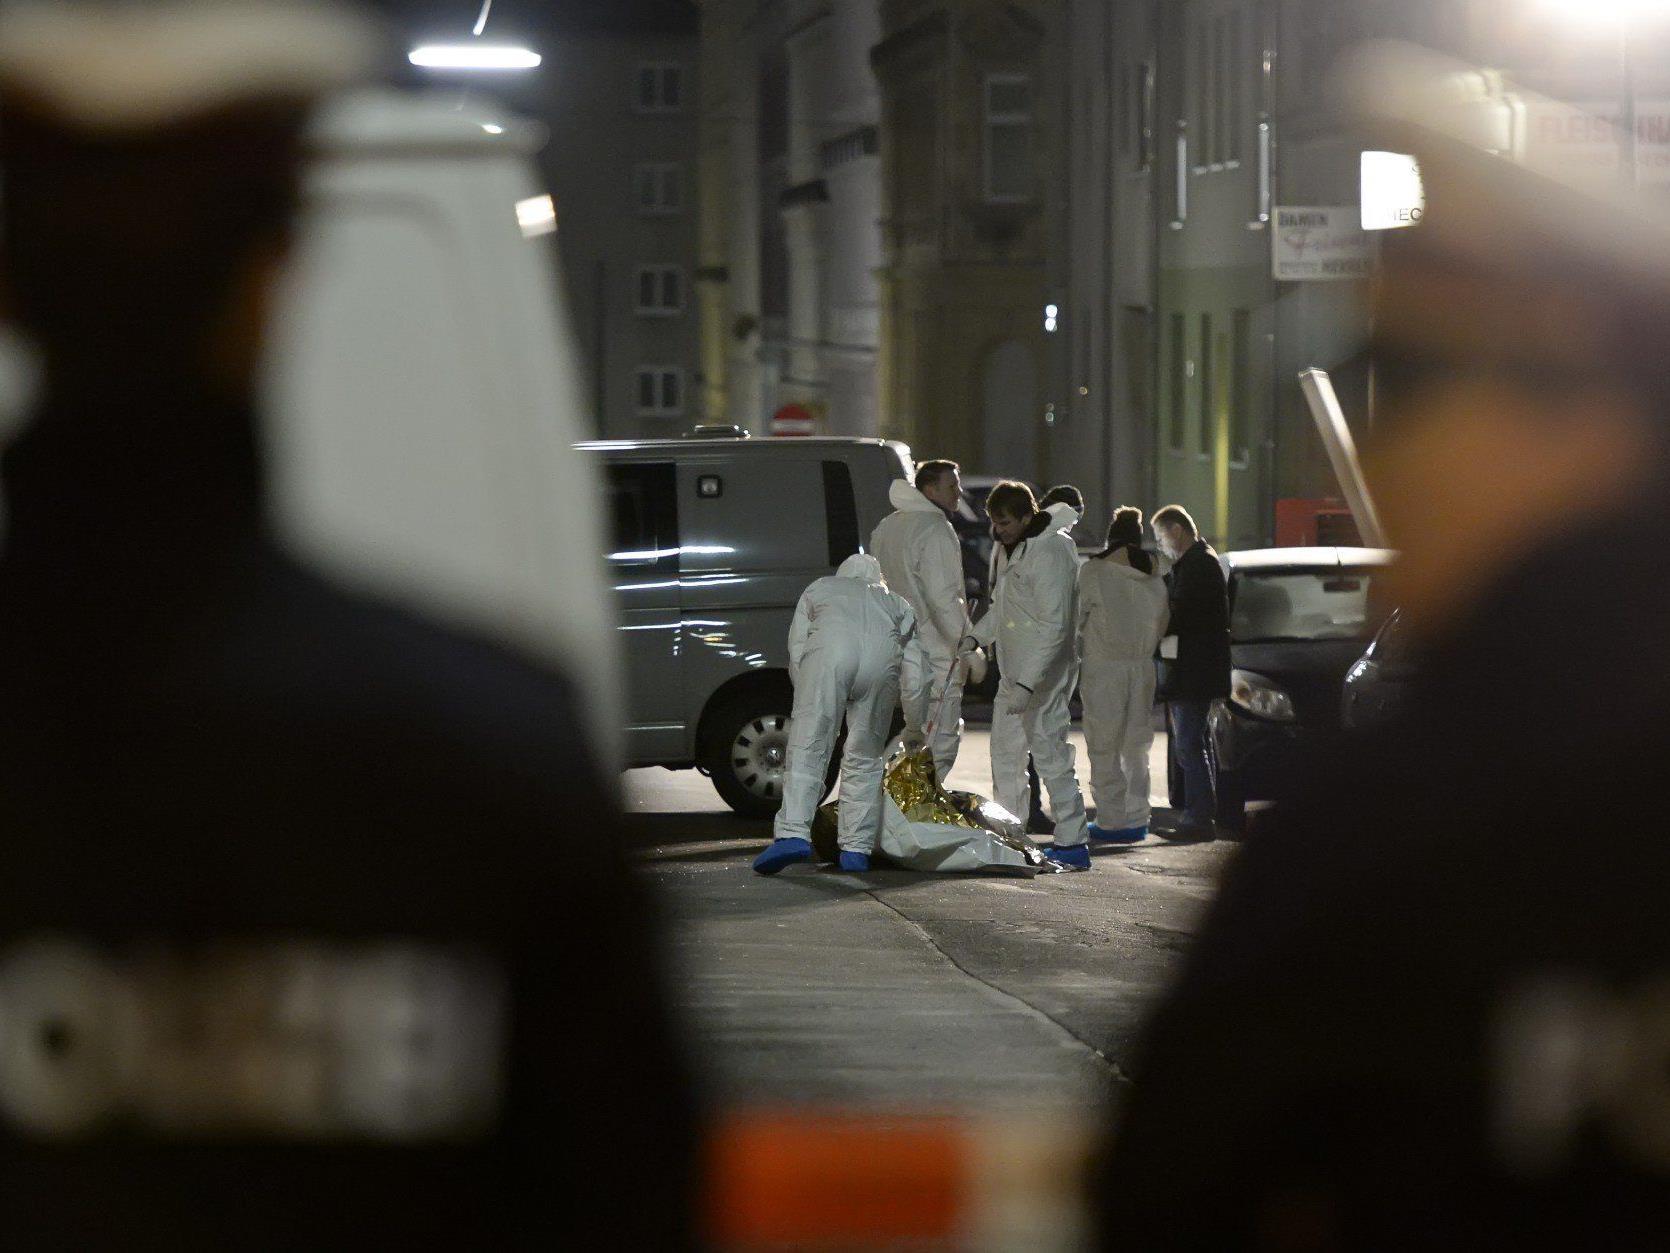 Männer in Wien Ottakring bei Explosion getötet